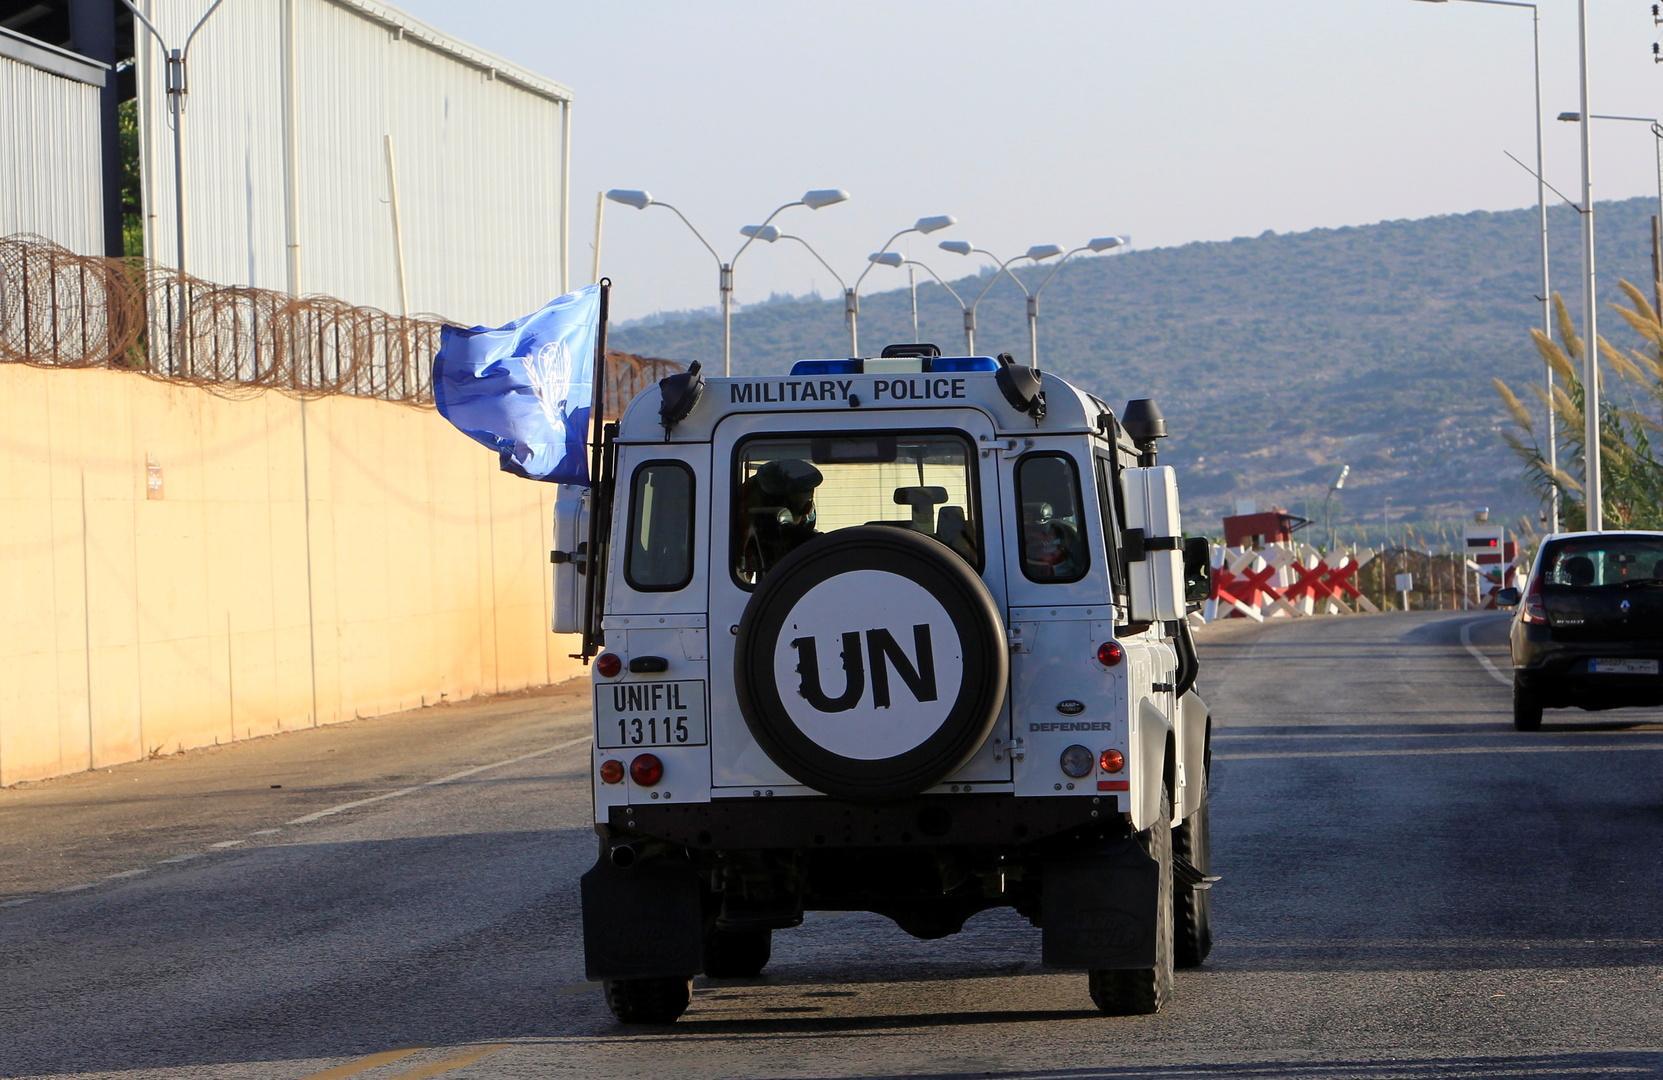 آلية تابعة للأمم المتحدة ضمن قوات اليونيفيل جنوب لبنان